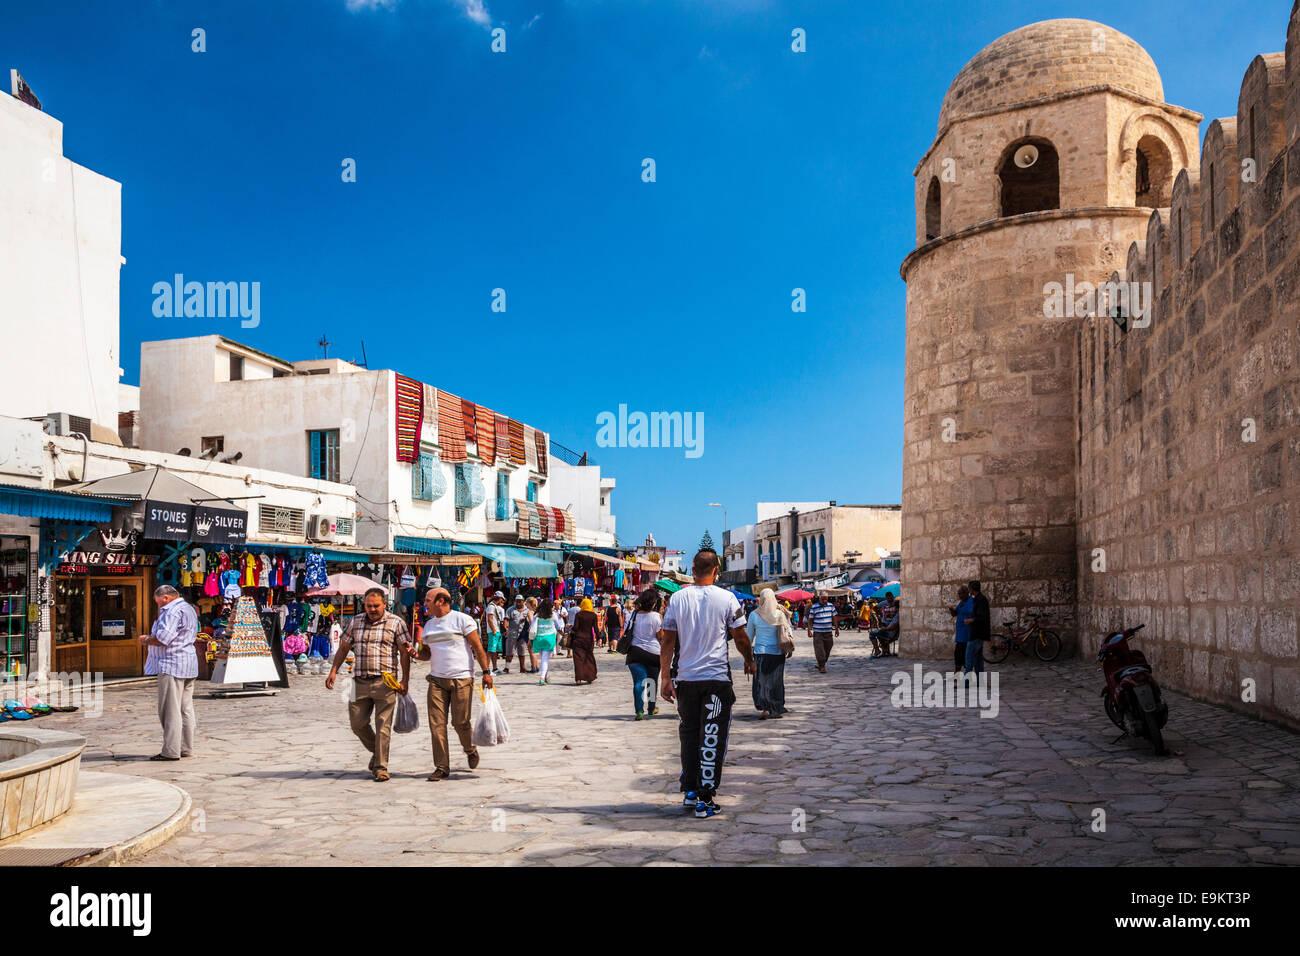 La Place de la Grande Moschea di Sousse,Tunisia. Immagini Stock